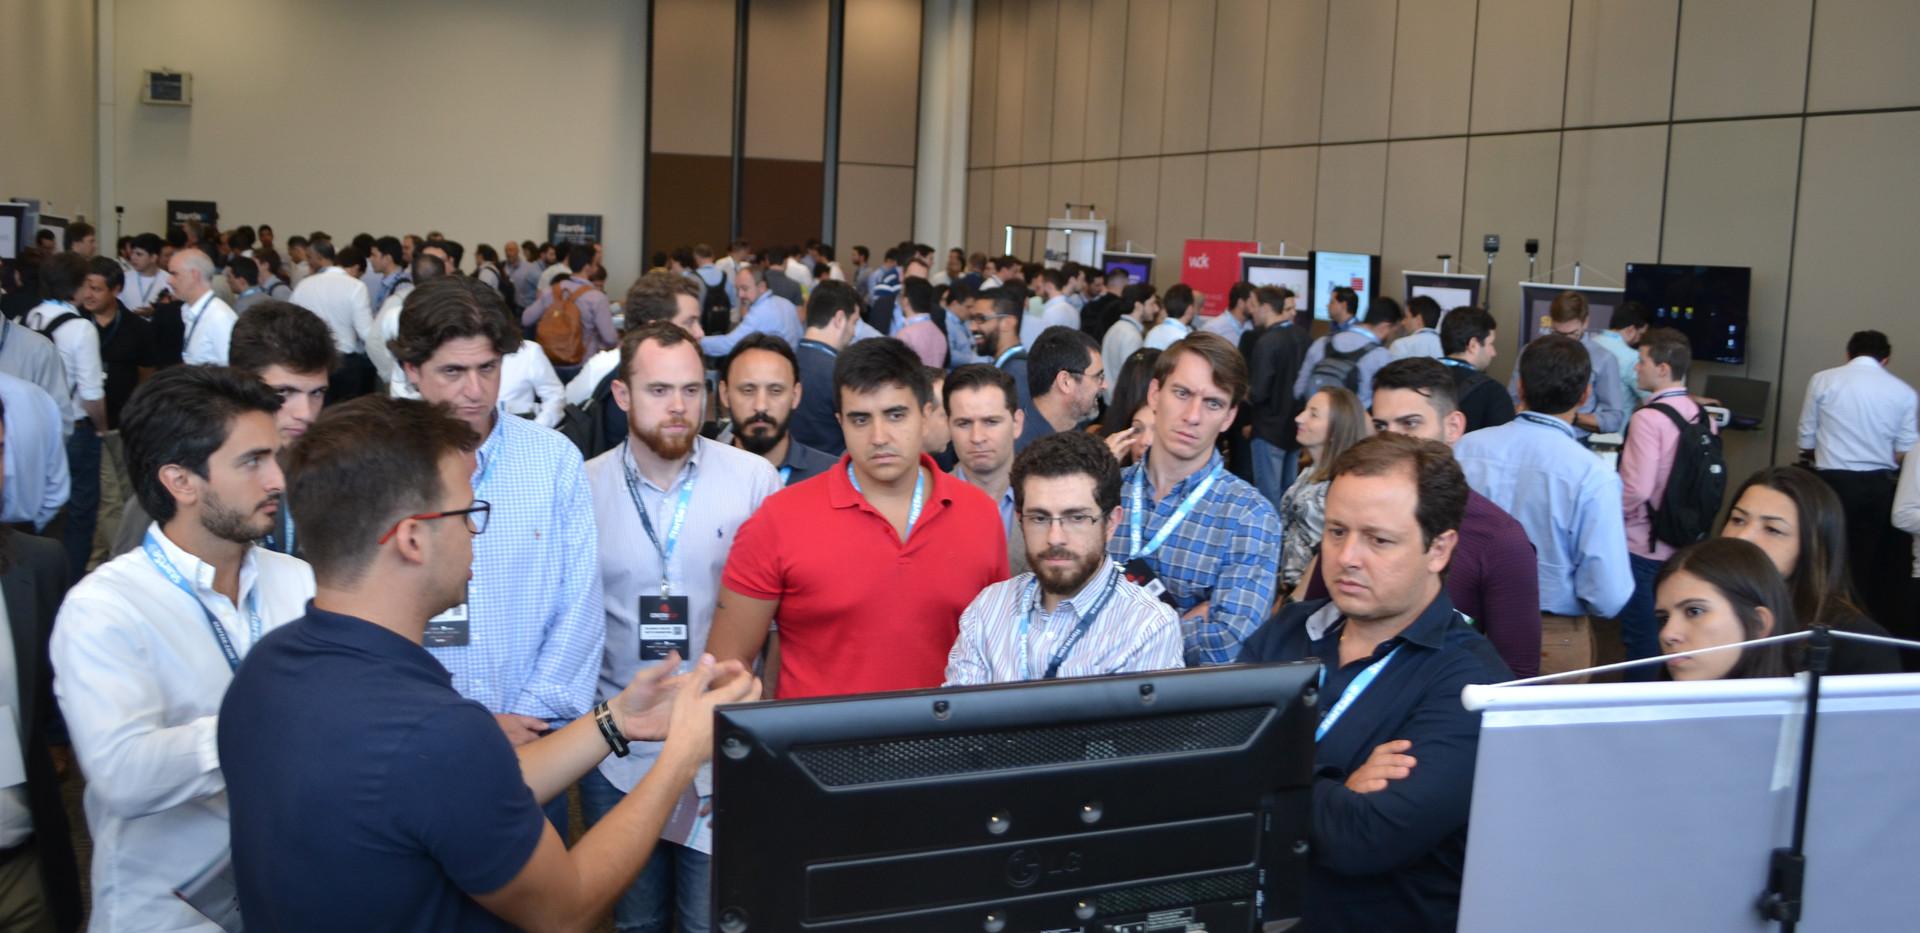 Lançamento do InfoOBRA no Construtech Conference, São Paulo, 2018